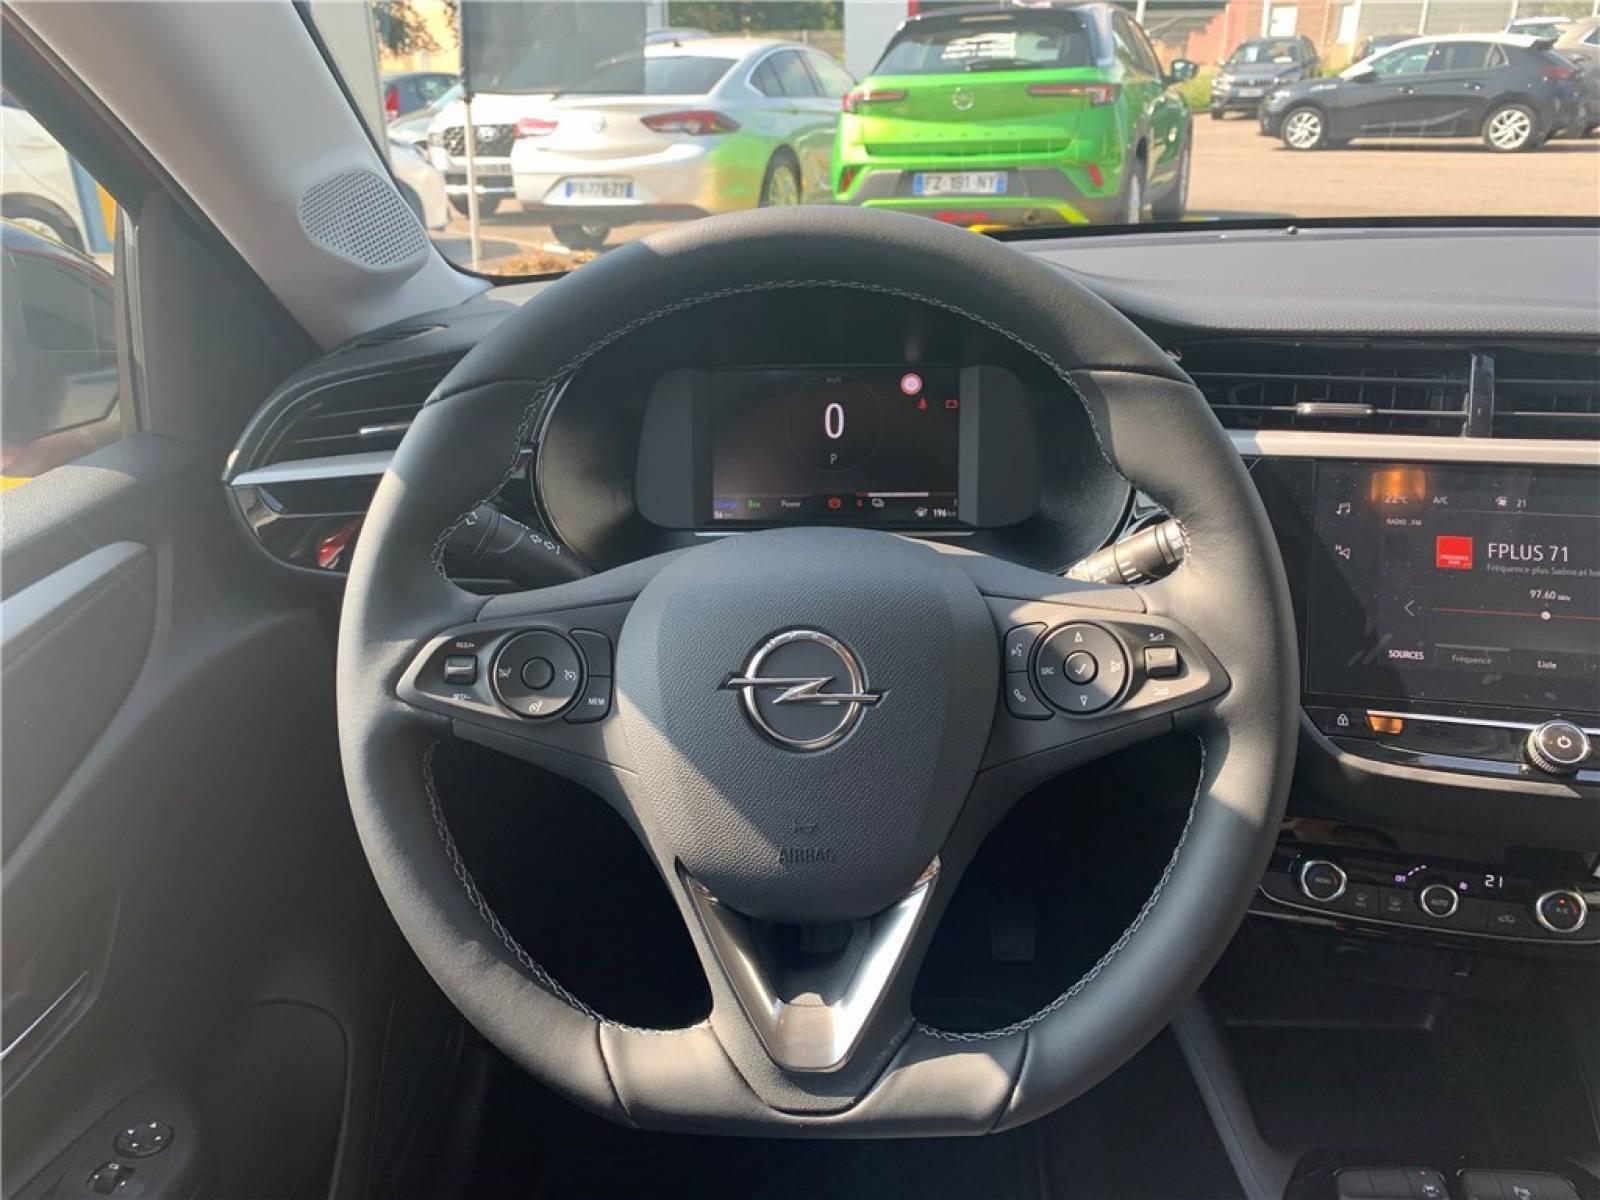 OPEL Corsa Electrique 136 ch & Batterie 50 kw/h - véhicule d'occasion - Groupe Guillet - Opel Magicauto - Montceau-les-Mines - 71300 - Montceau-les-Mines - 13